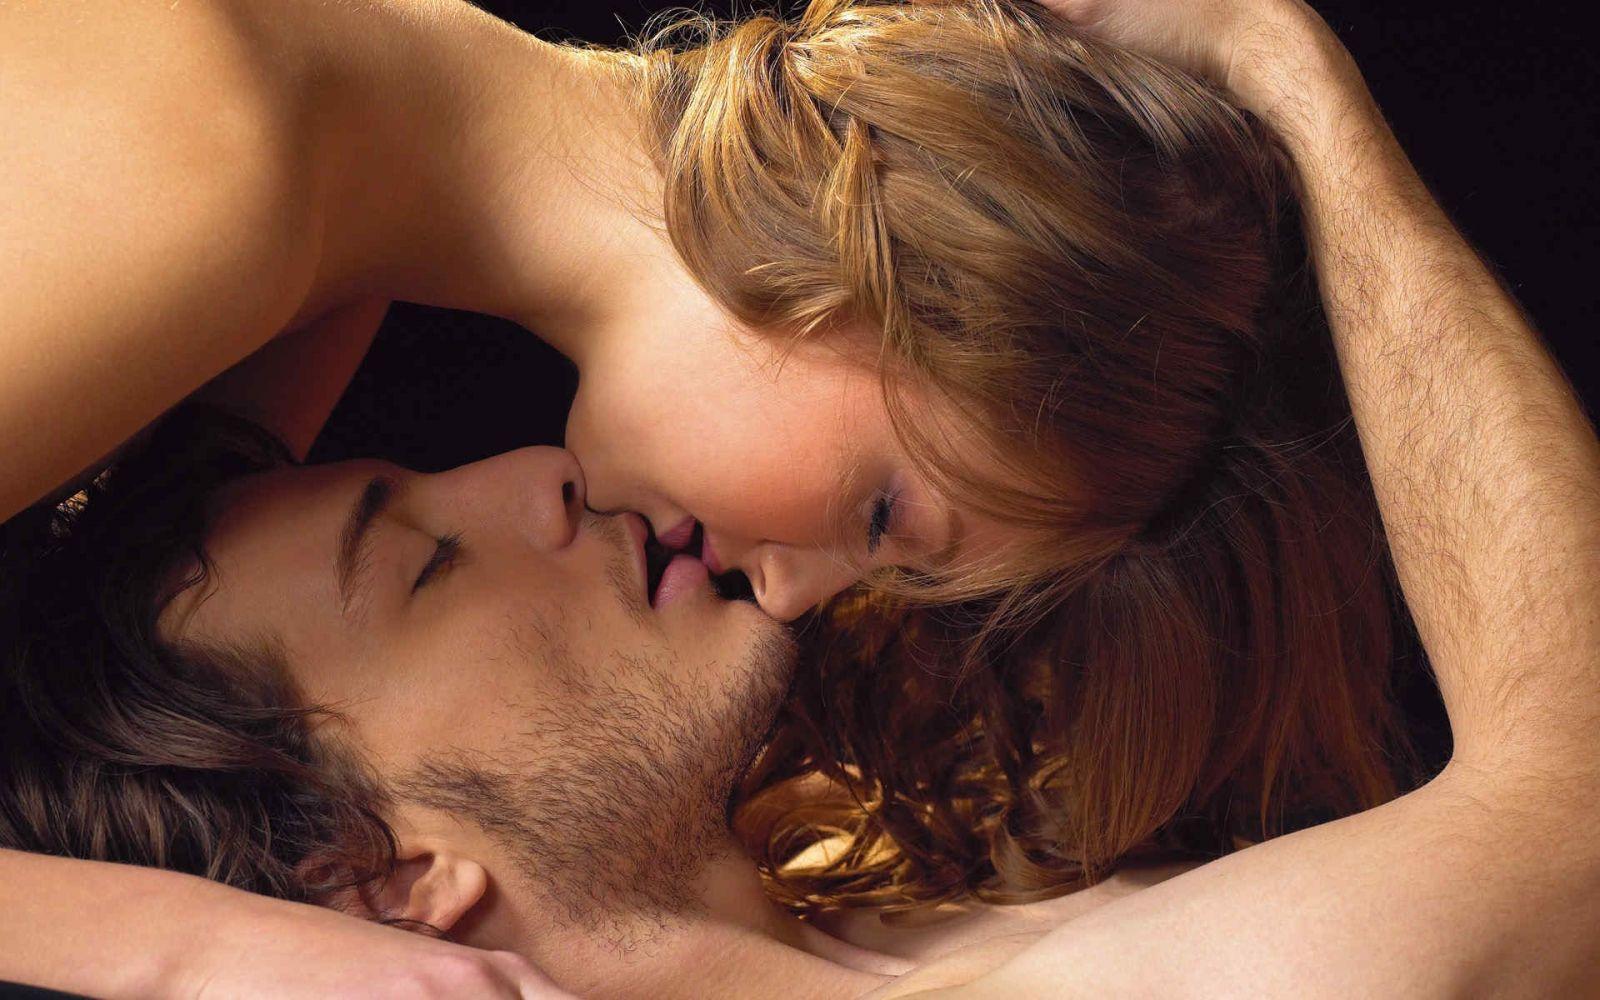 romantichniy-i-ochen-krasiviy-seks